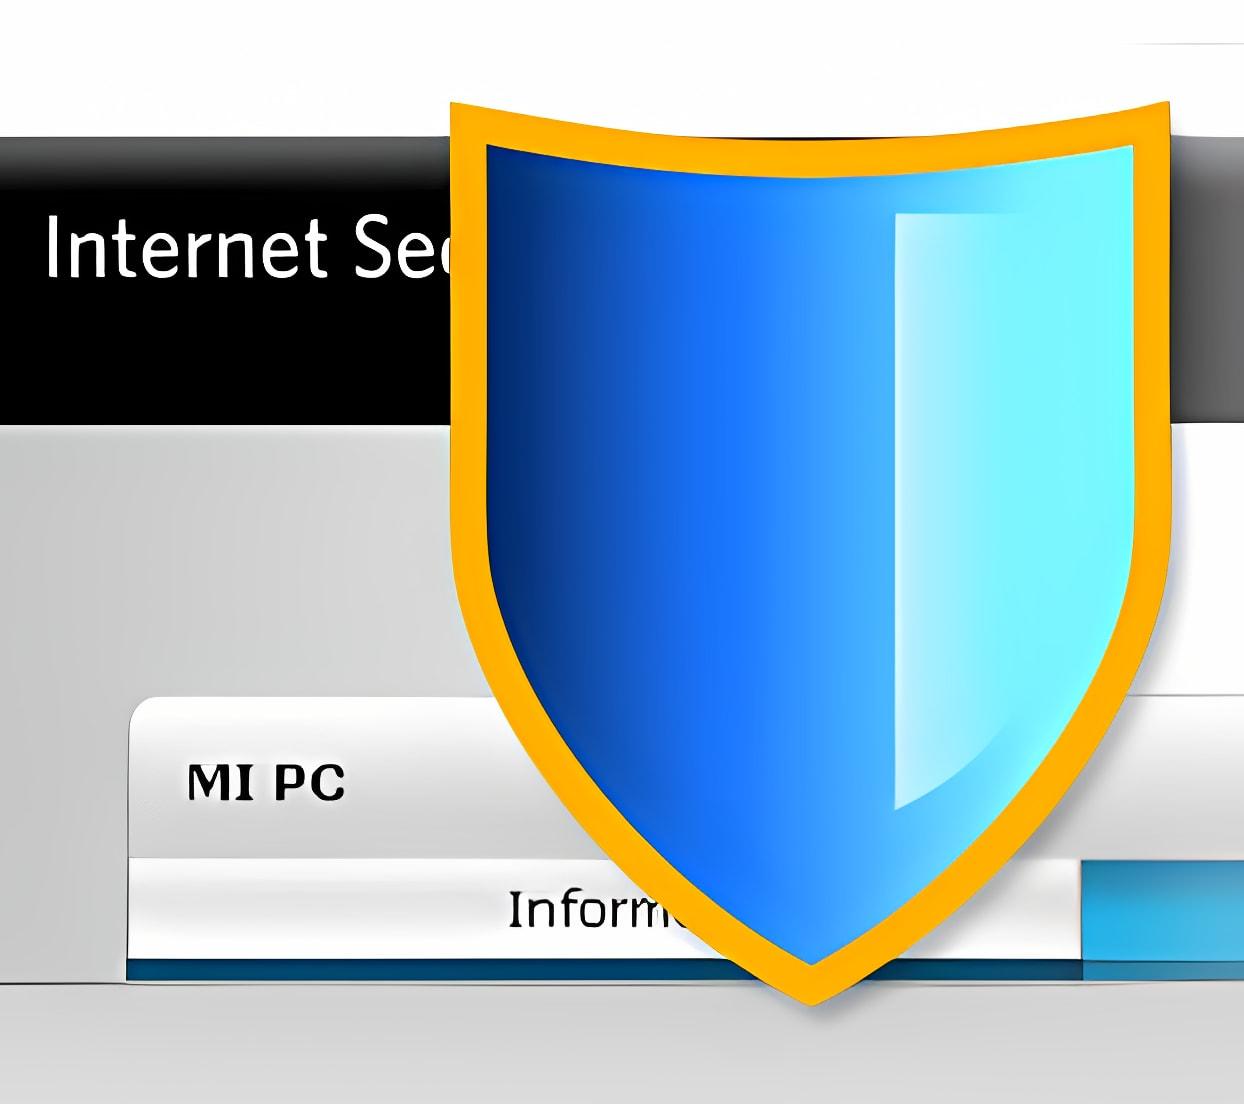 CA Internet Security Suite Plus 2010 6.0.0.272